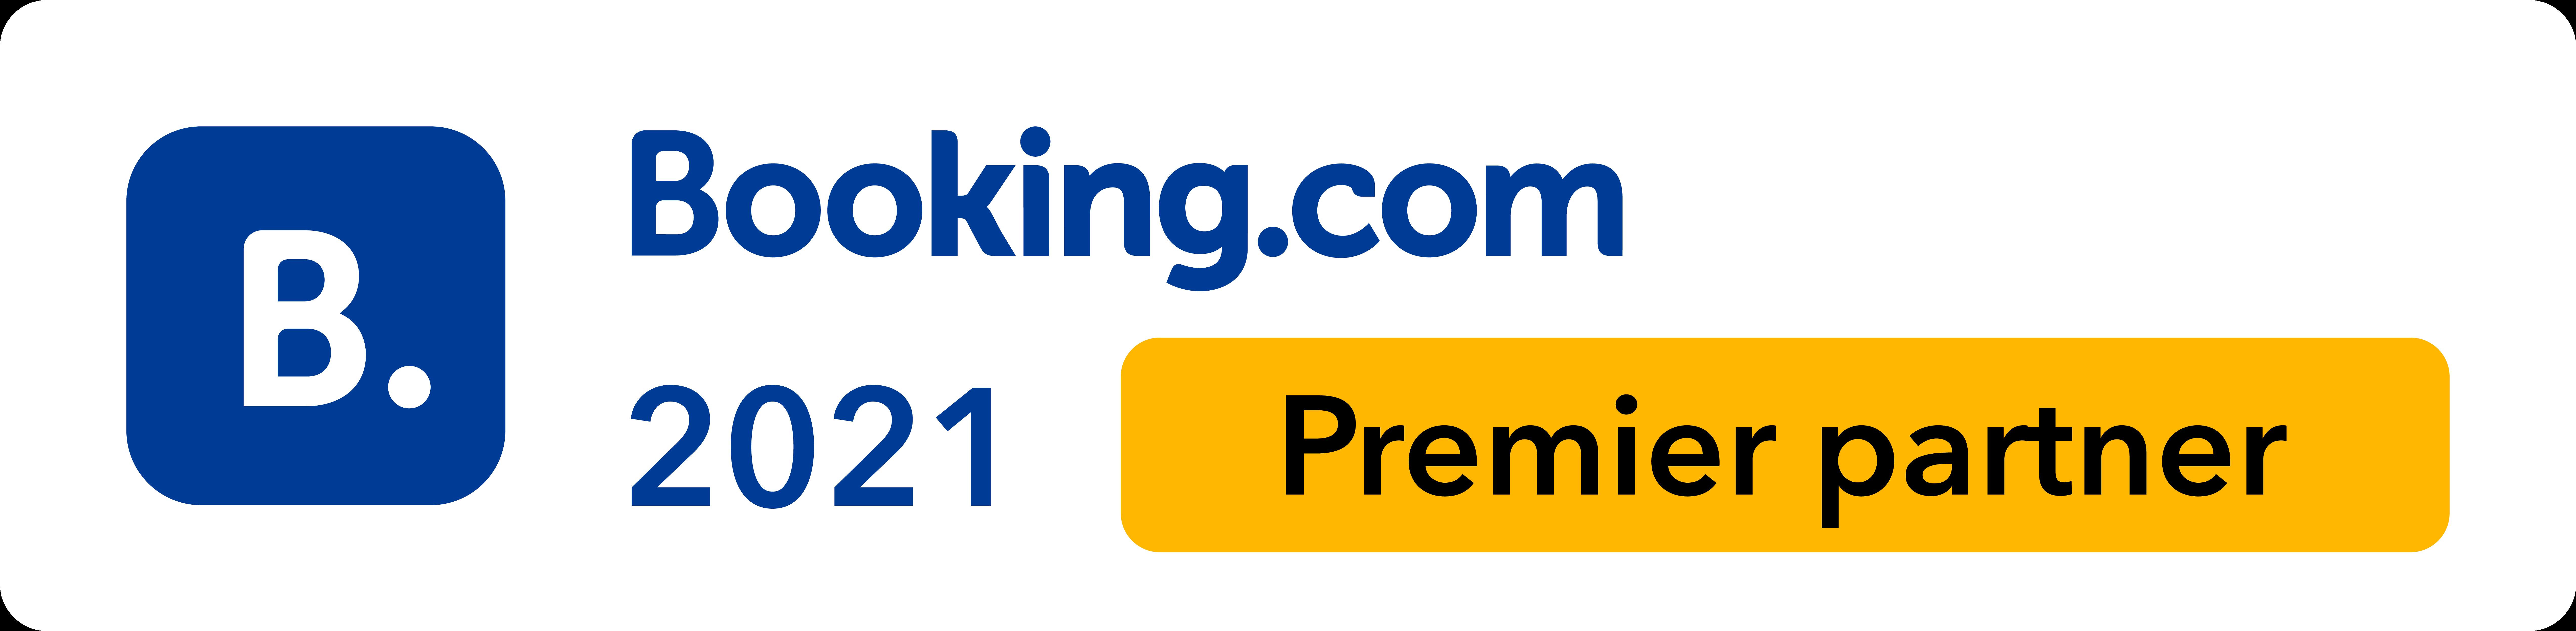 Booking.com Premier Connectivity Partner 2020